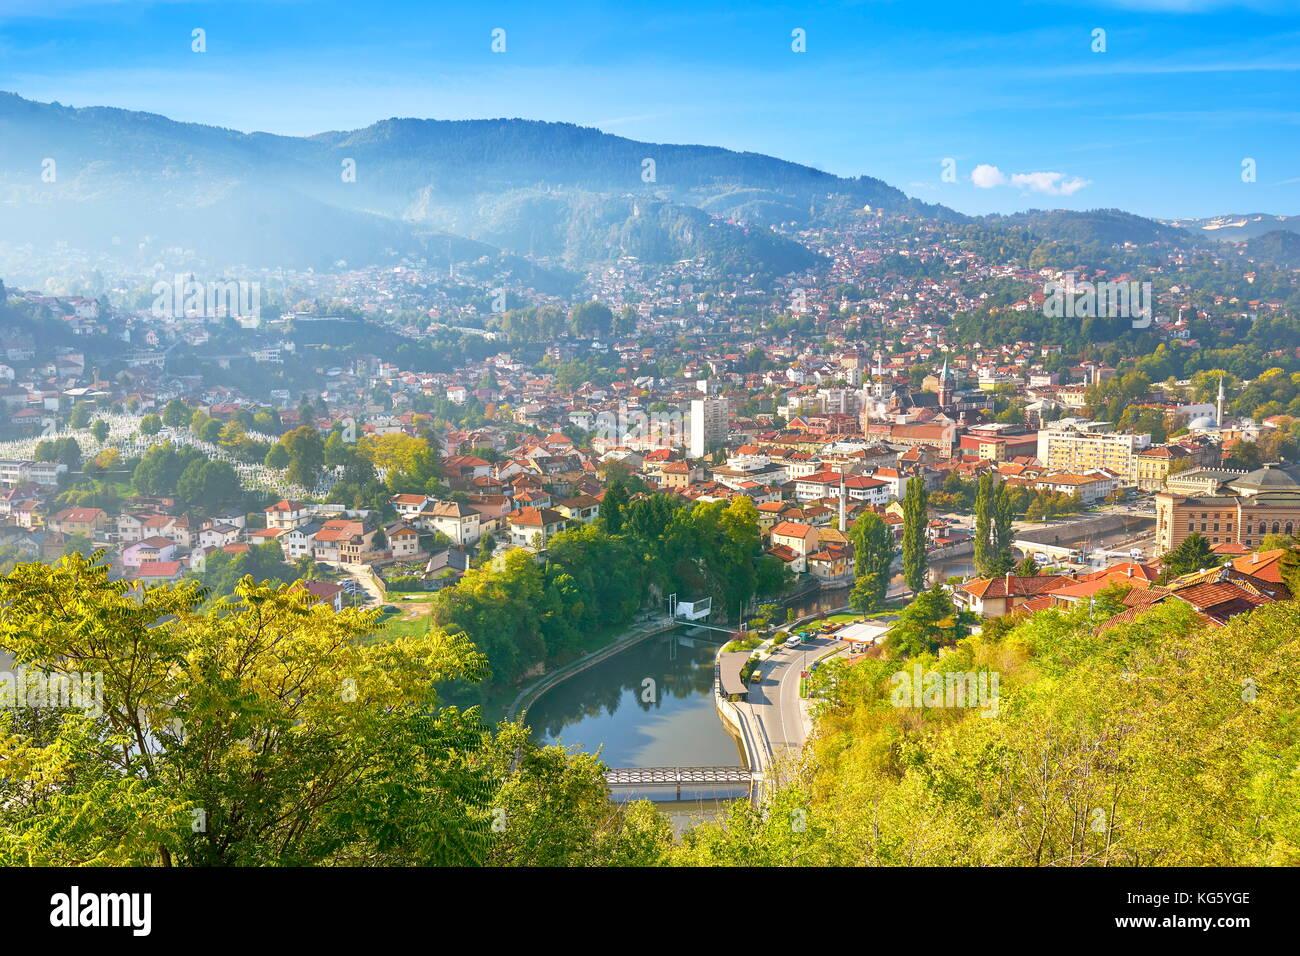 Vue aérienne de Sarajevo, capitale de la Bosnie-Herzegovine Photo Stock